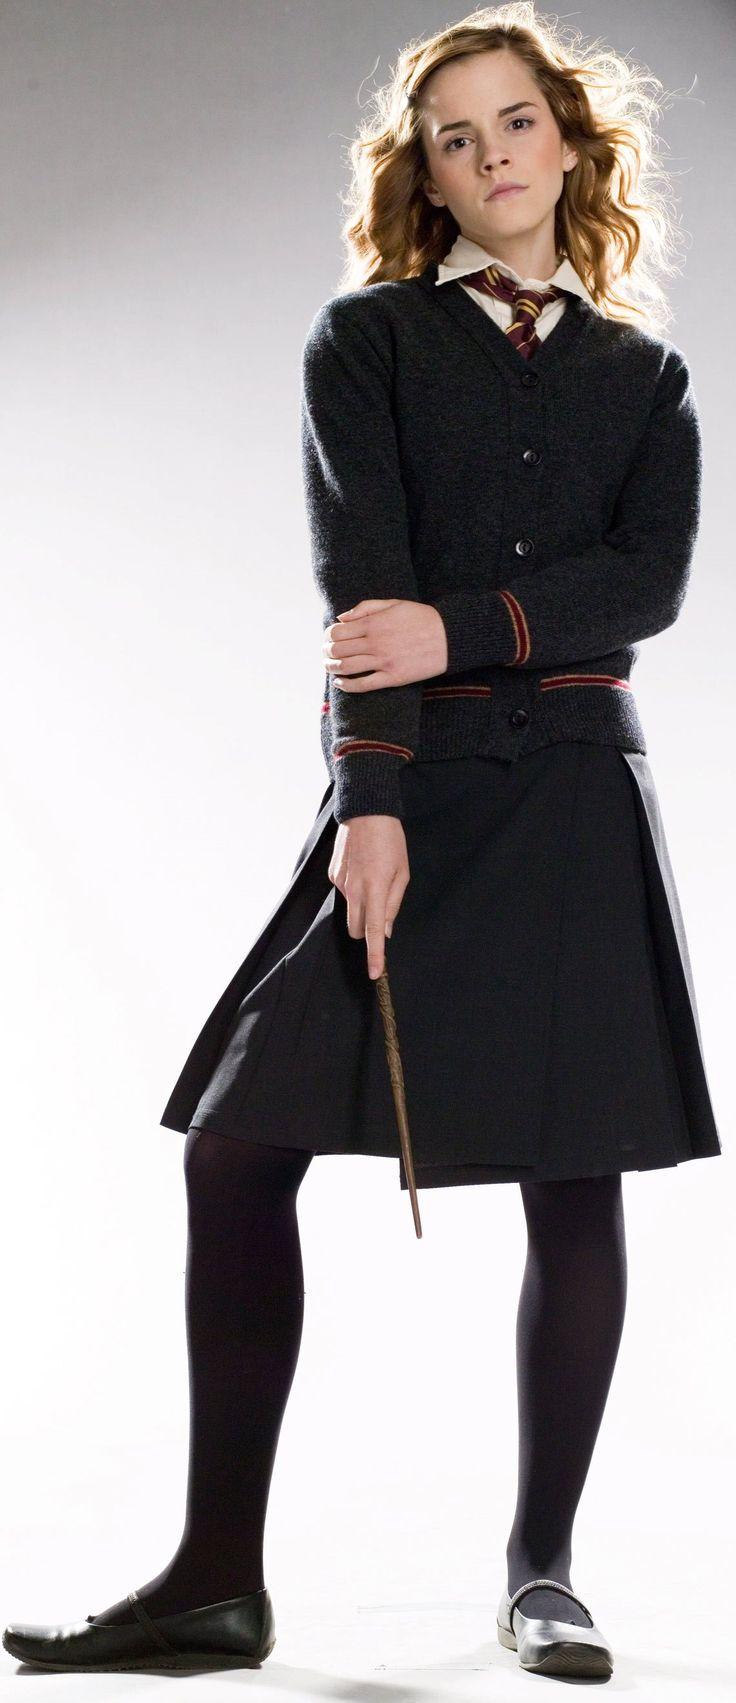 42 besten hermione granger bilder auf pinterest hermine granger hogwarts und ginny weasley. Black Bedroom Furniture Sets. Home Design Ideas